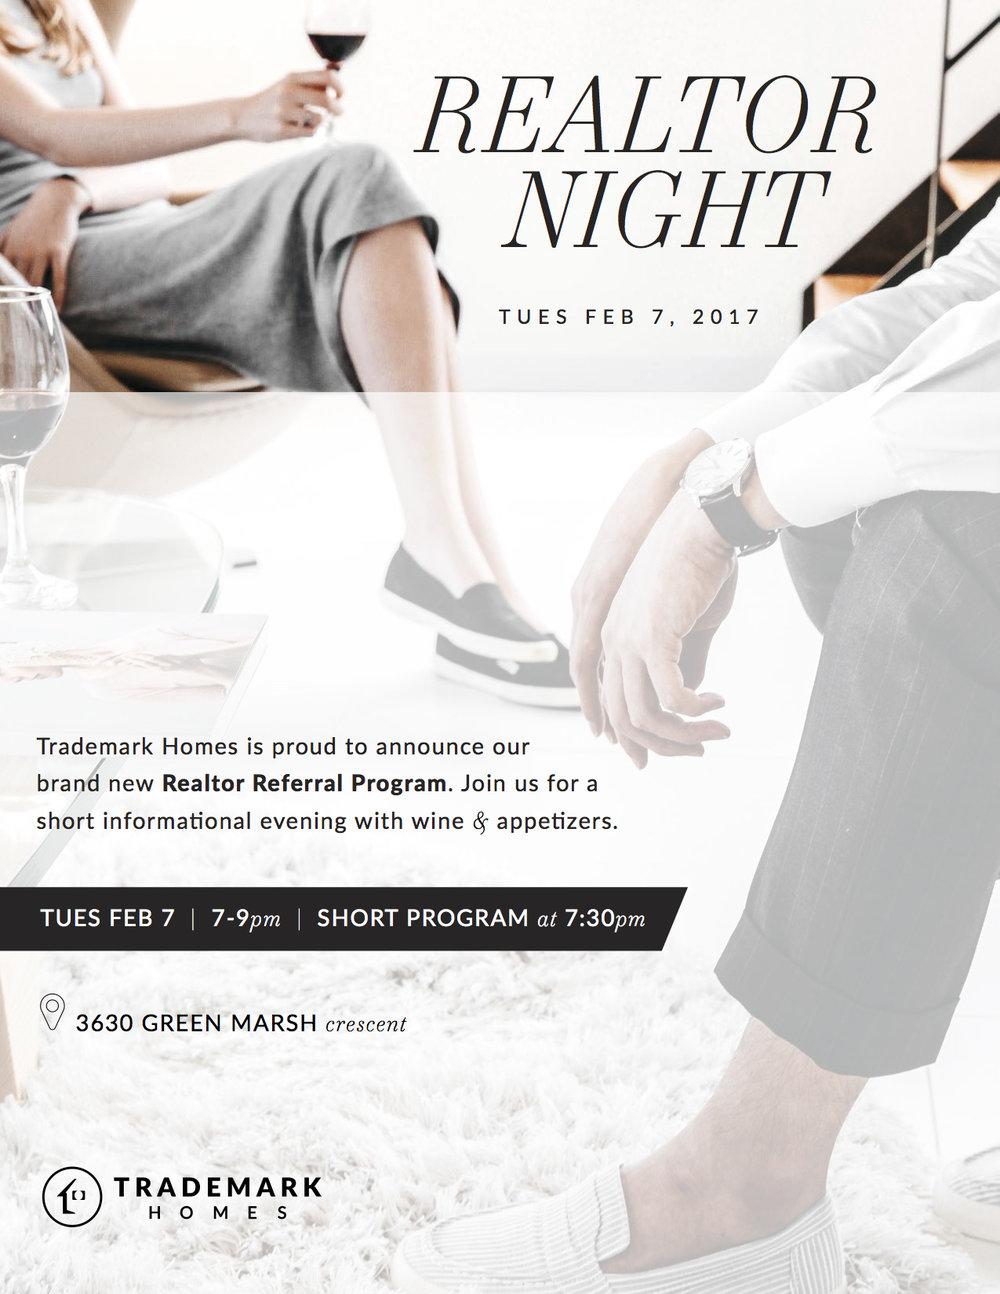 Realtor Night 2017 - Regina Home Builder